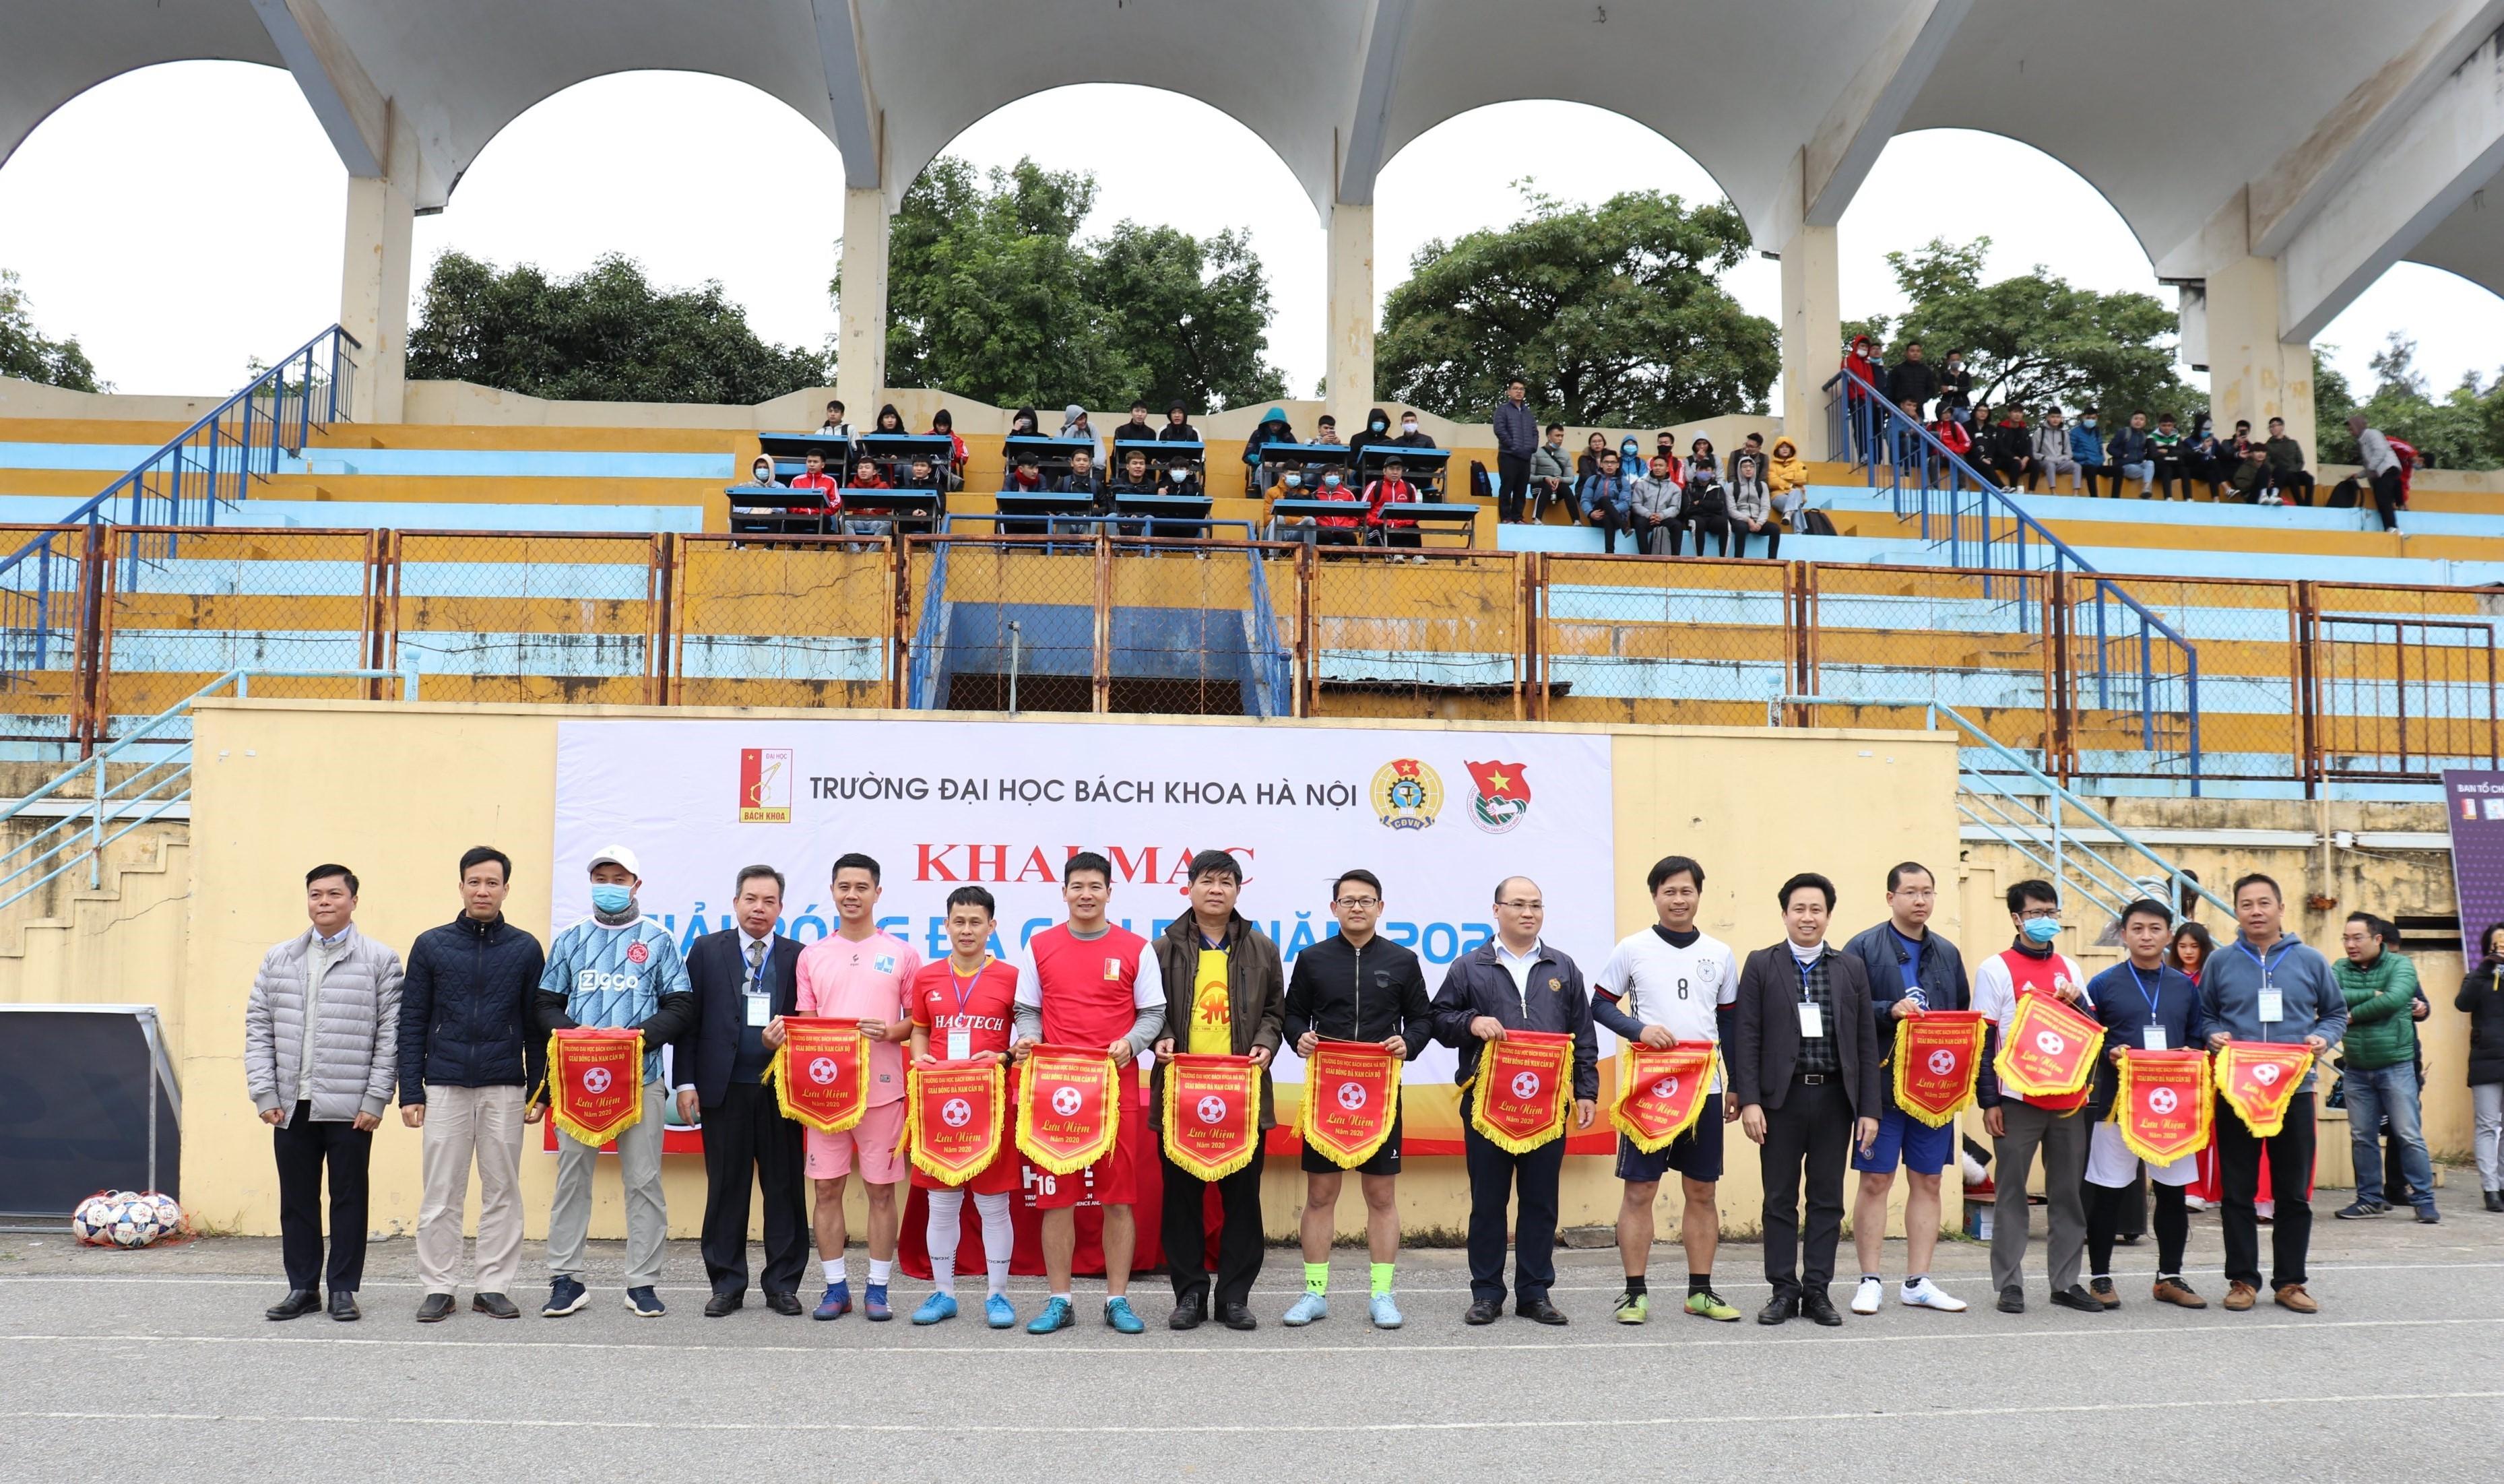 Khai mạc giải bóng đá nam cán bộ trong khuôn khổ thi đấu thể thao Công đoàn Trường ĐHBK Hà Nội 2020